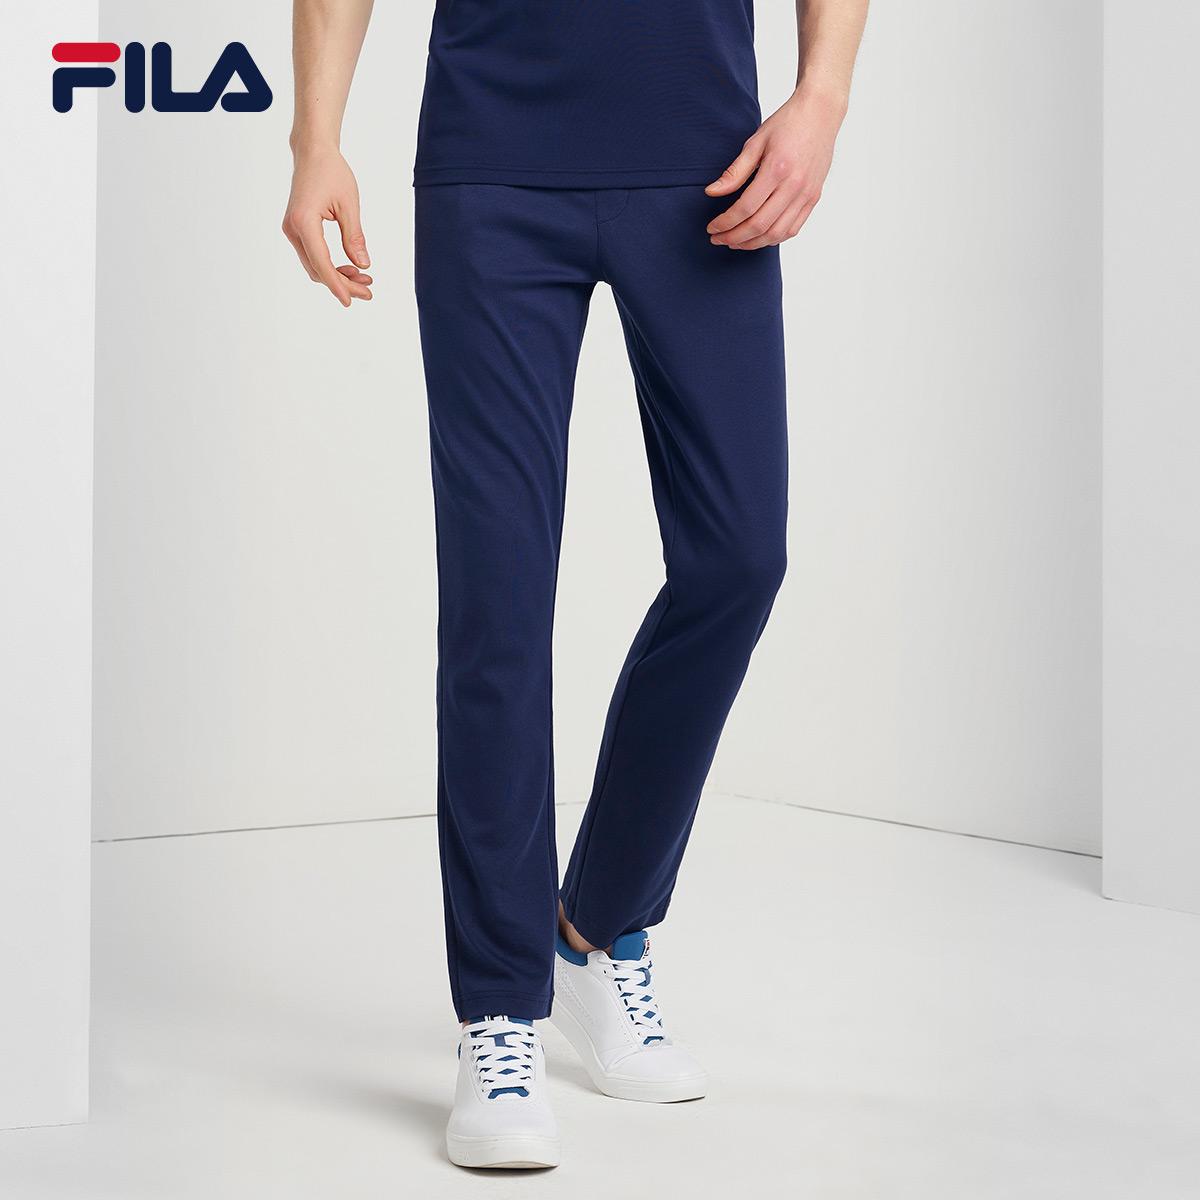 FILA斐乐男2018夏季新款吸湿排汗针织运动长裤休闲裤|F61M828644F